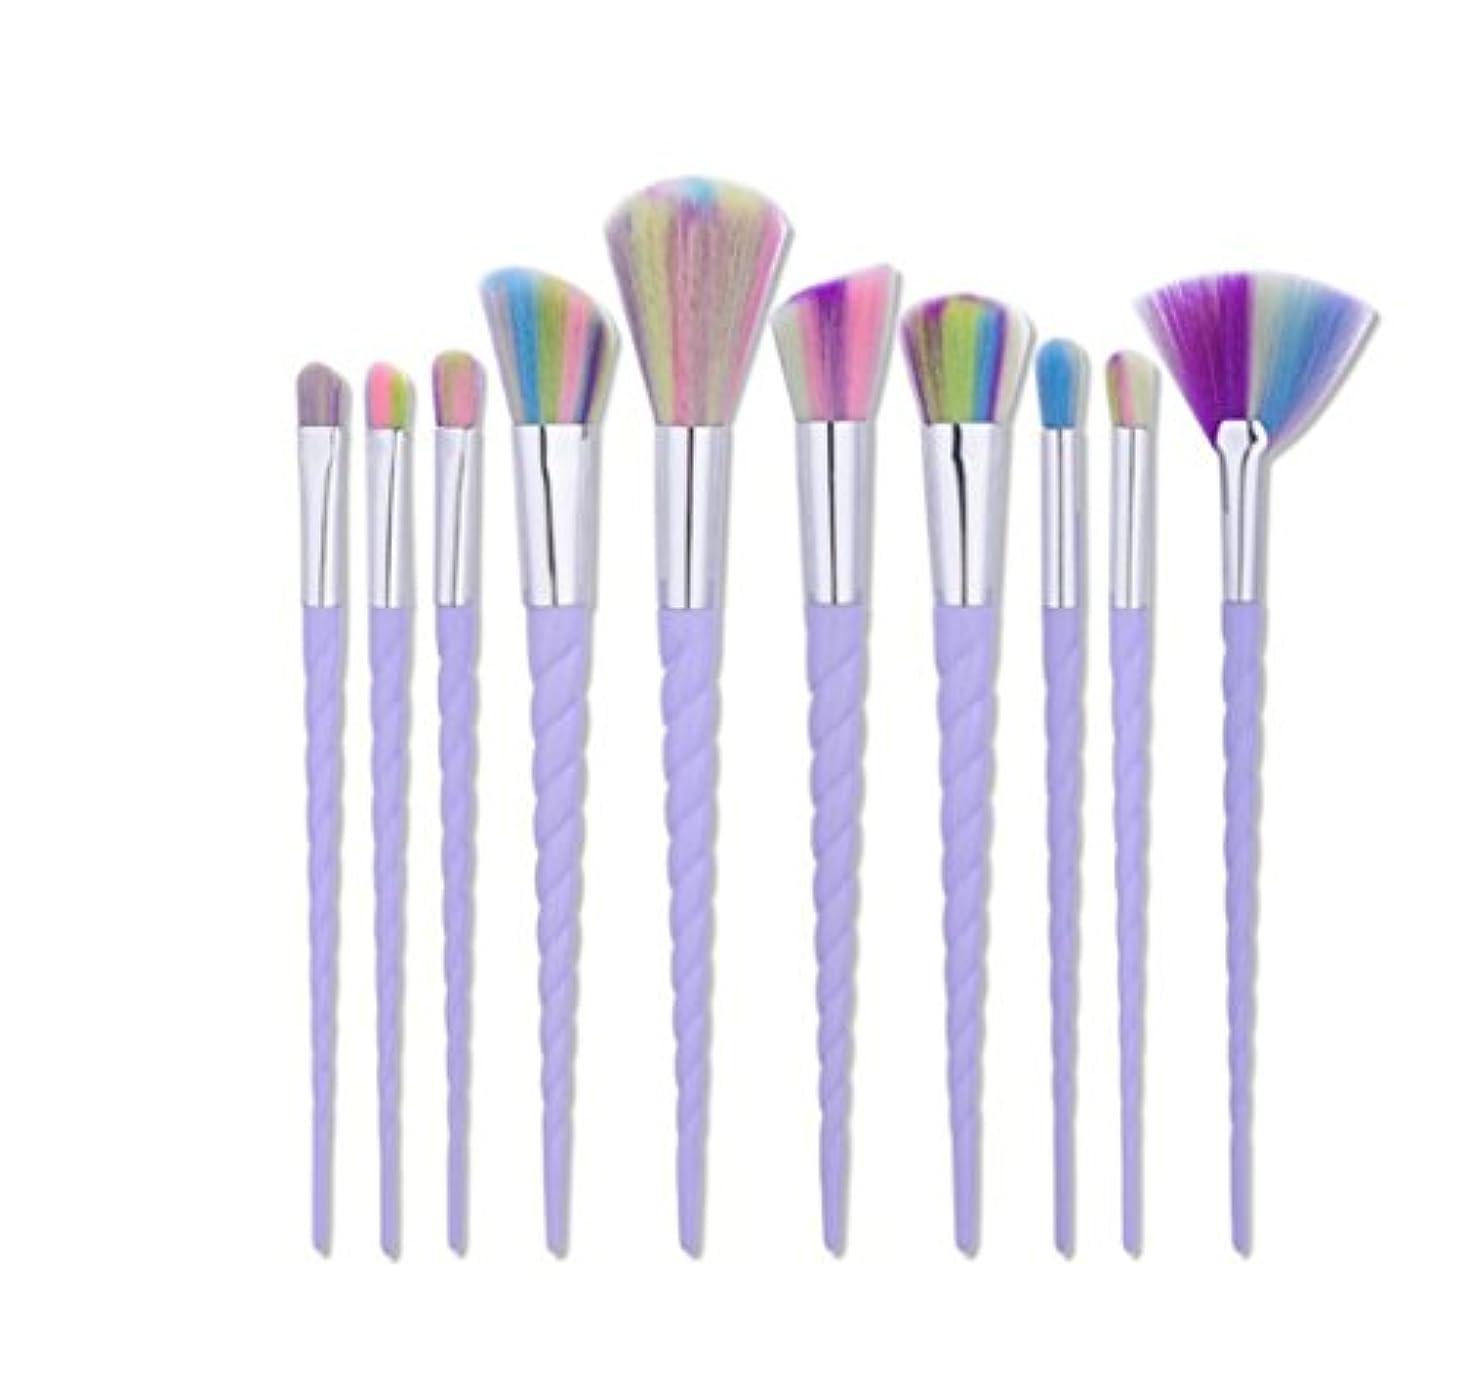 ブラウス順応性ミスDilla Beauty 10本セットユニコーンデザインプラスチックハンドル形状メイクブラシセット合成毛ファンデーションブラシアイシャドーブラッシャー美容ツール (ホワイト-4)